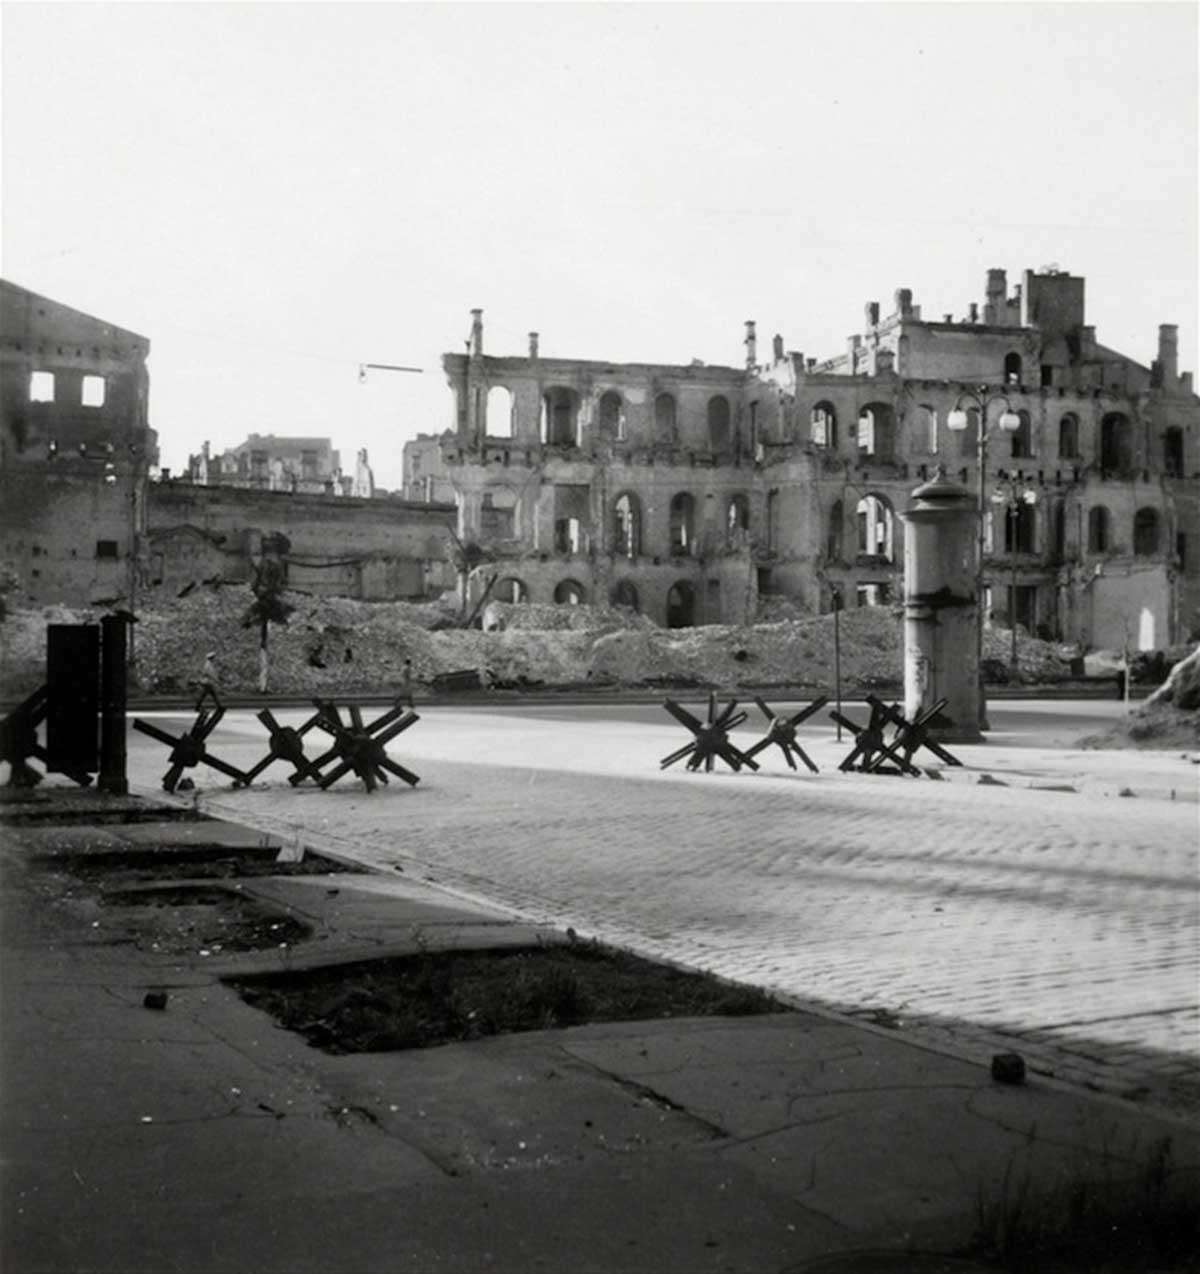 Destrucción severa de la ciudad desde la batalla de 1941 con erizos checos. Ucrania, 1943.